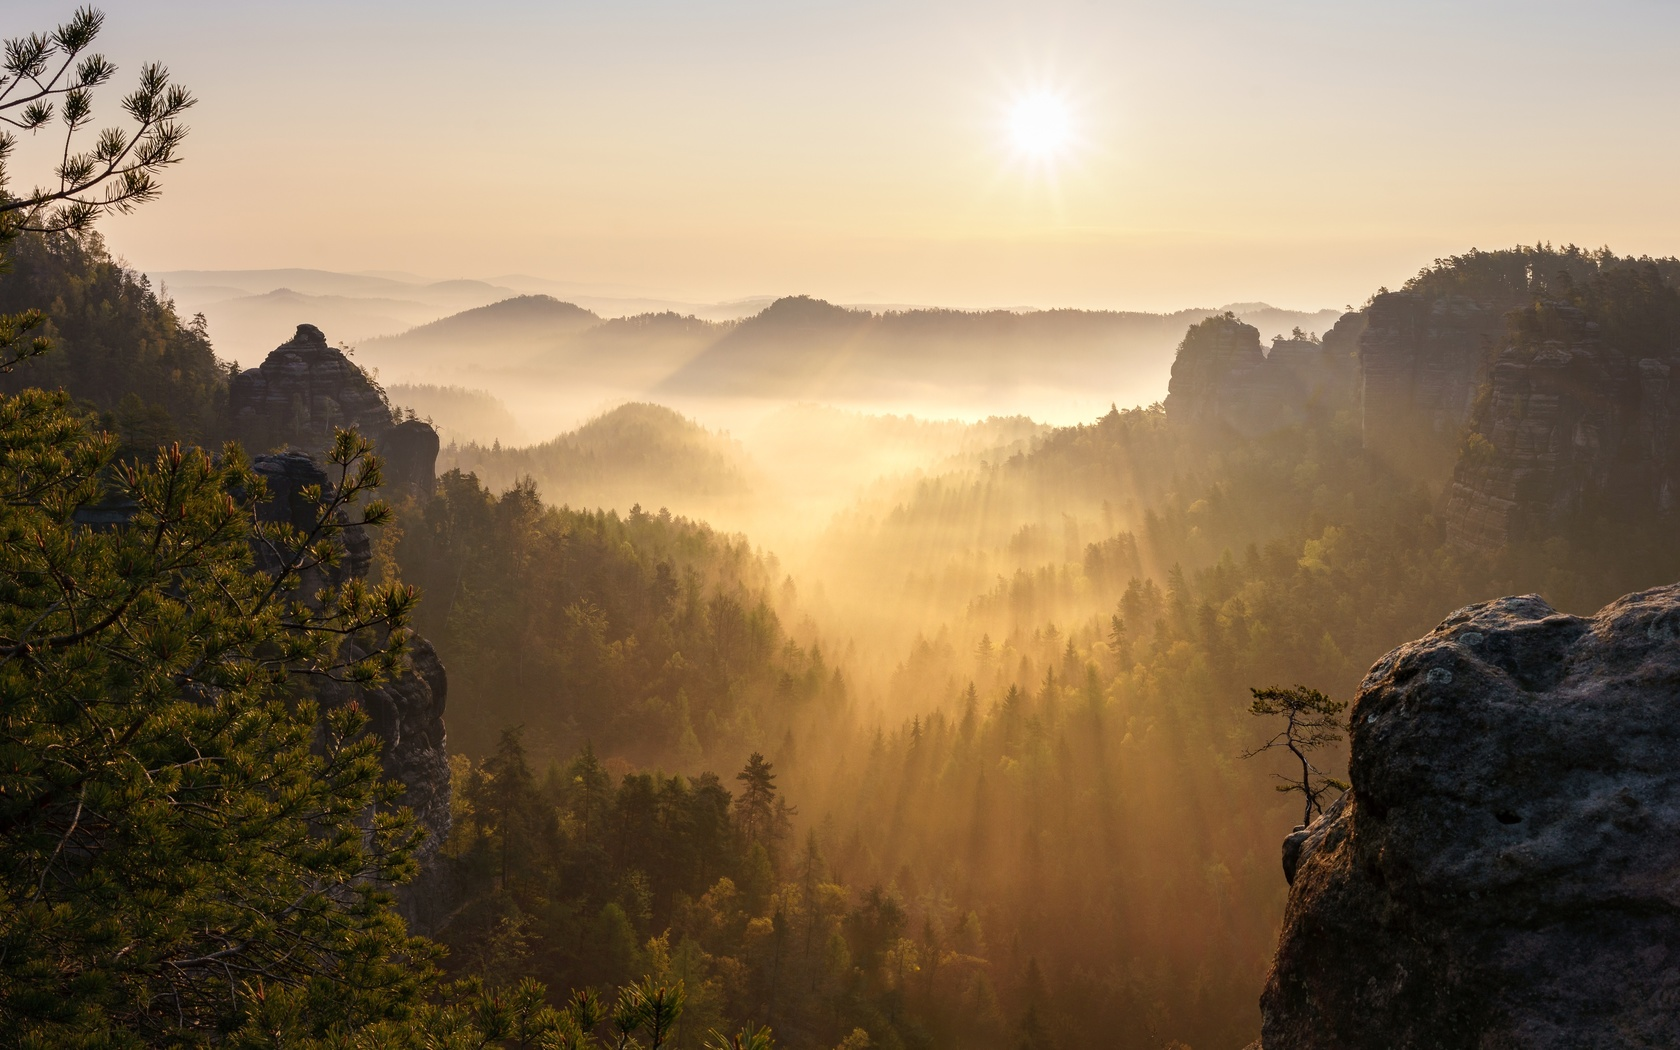 лес, небо, солнце, лучи, свет, пейзаж, горы, ветки, природа, туман, скала, настроение, рассвет, холмы, высота, даль